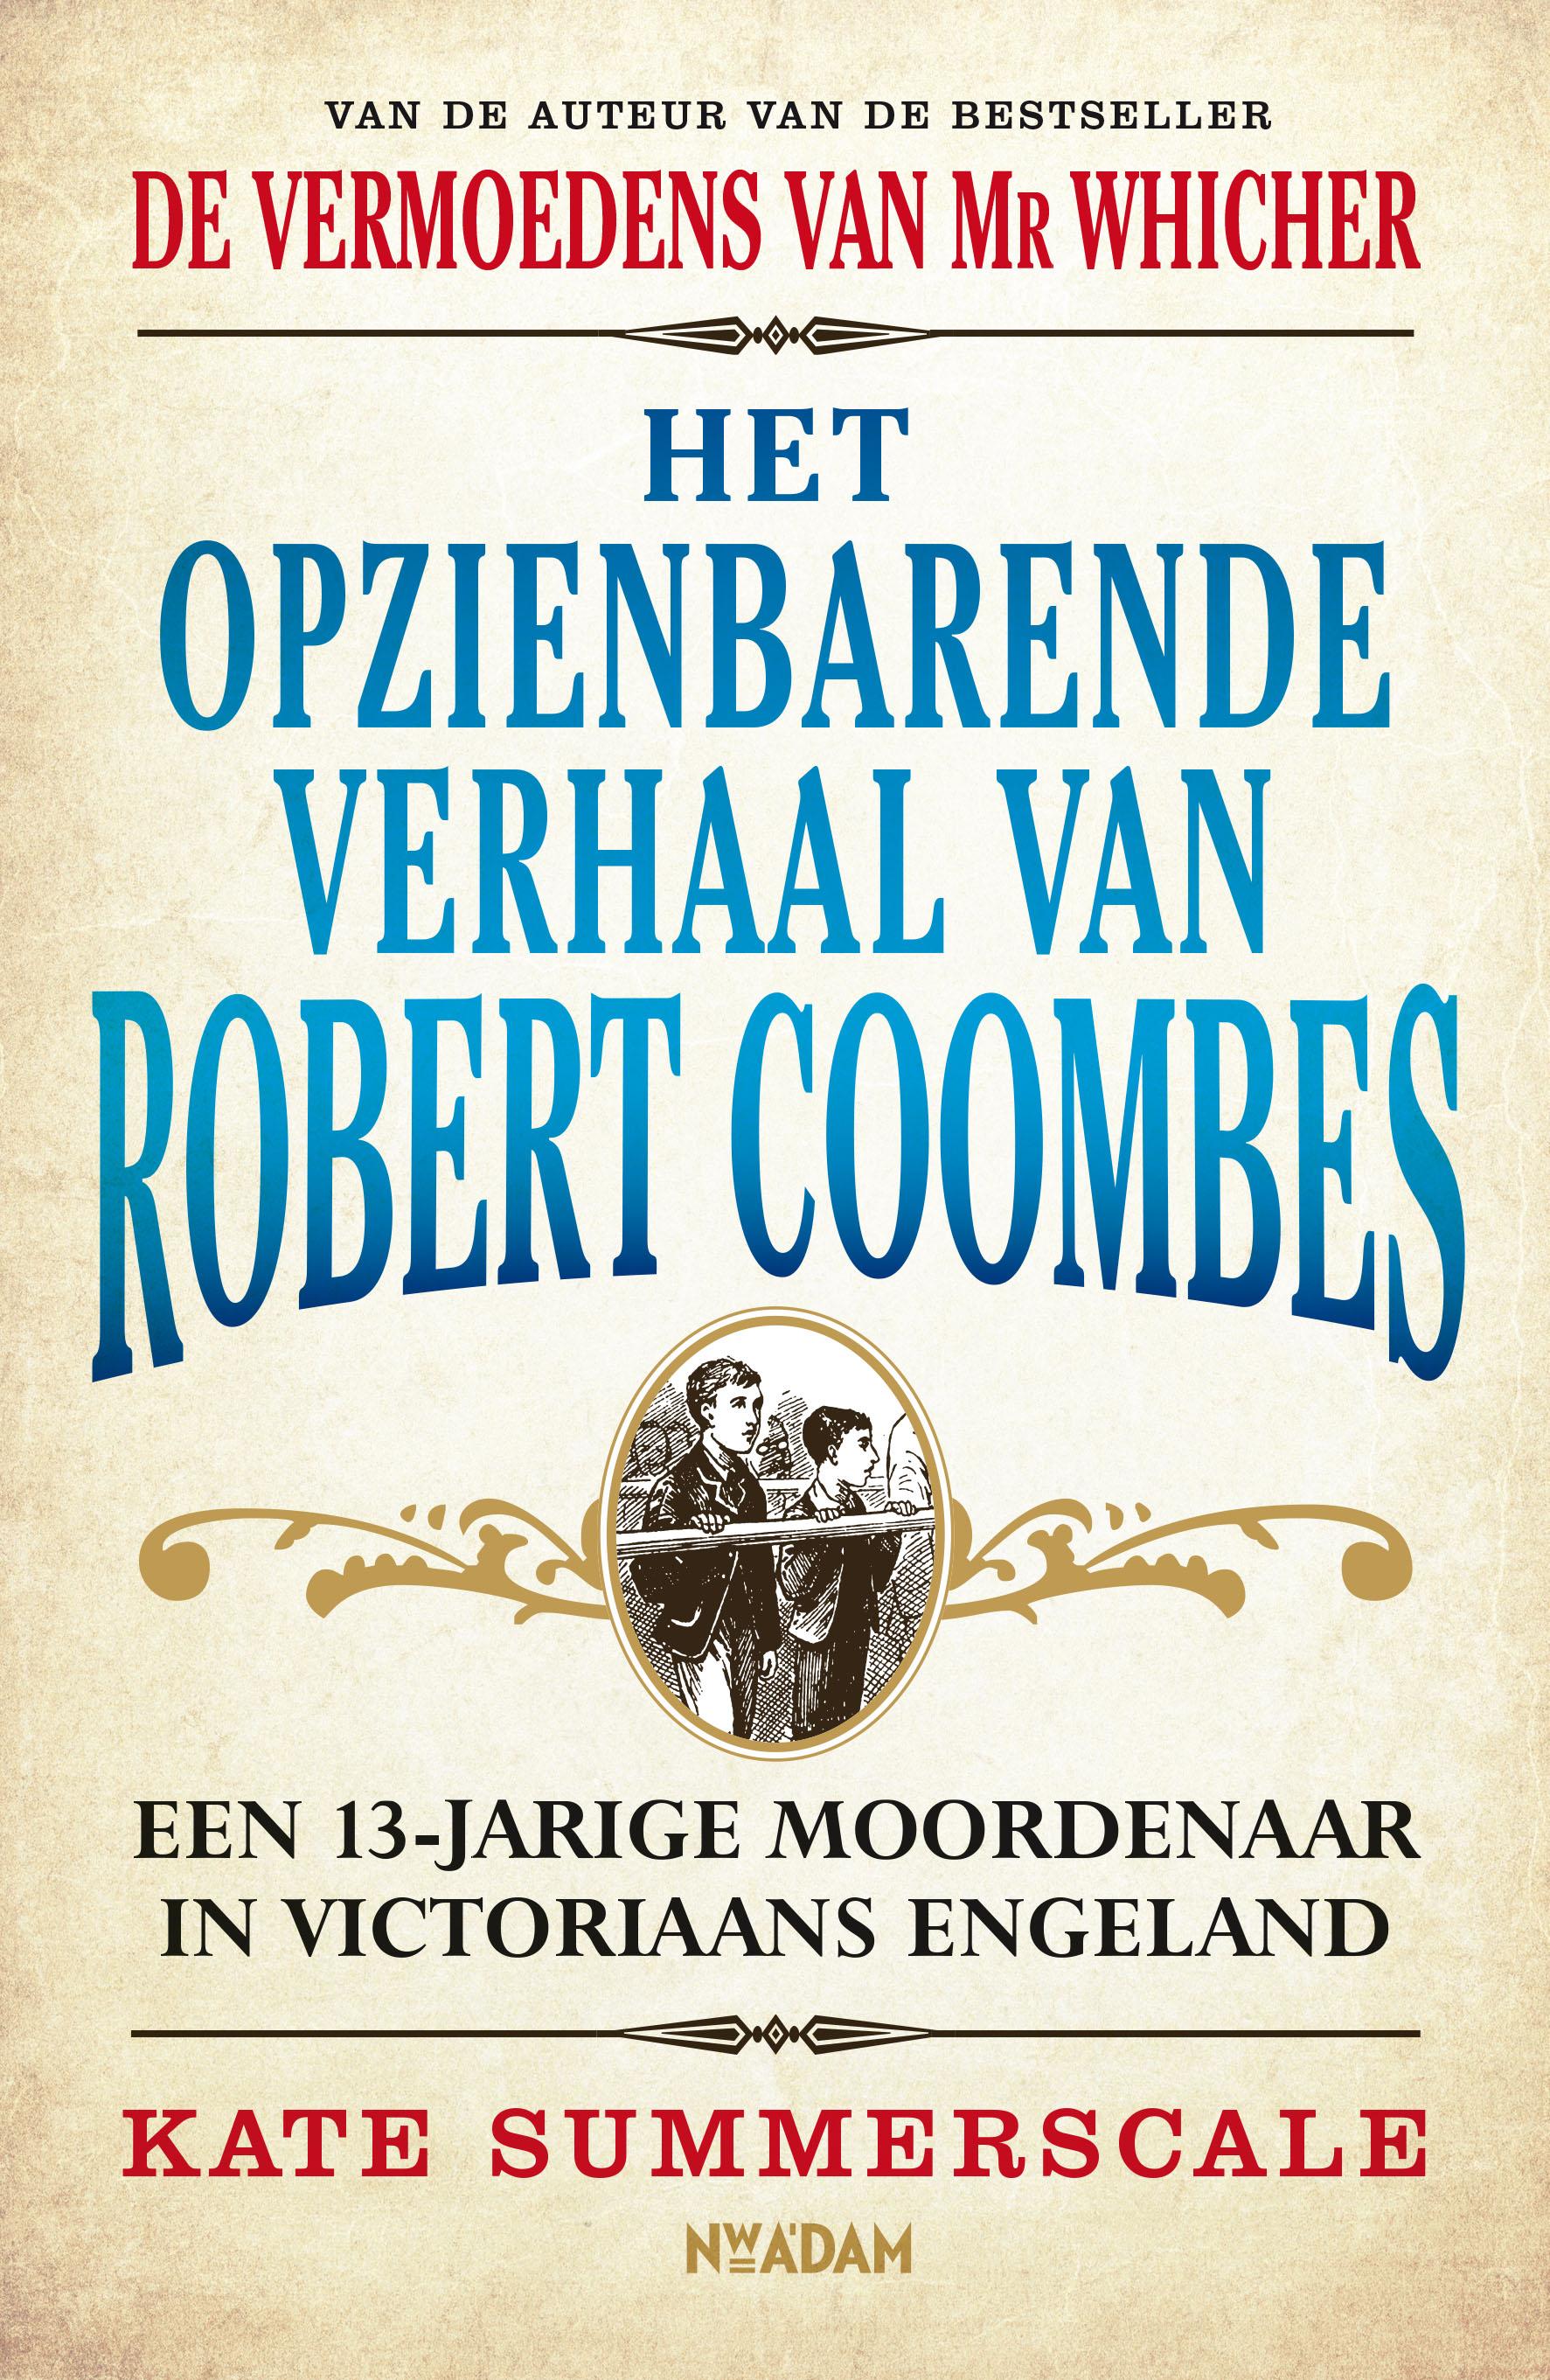 Het opzienbarende verhaal van Robert Coombes – Kate Summerscale